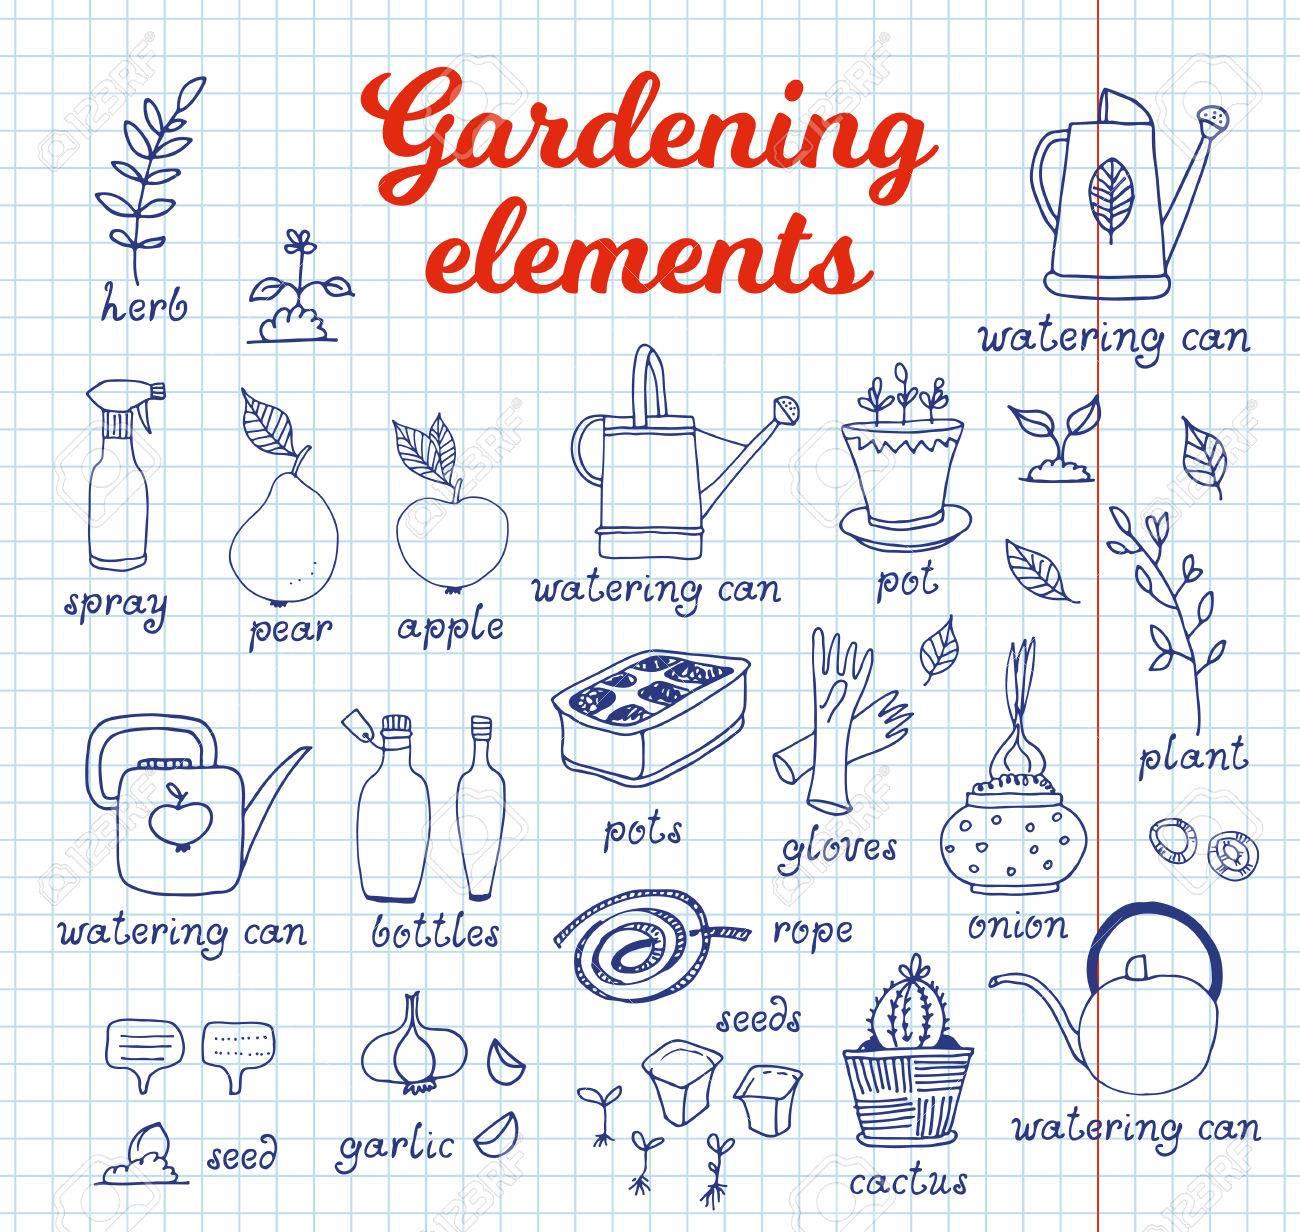 Les Outils De Jardinage Avec Photos jardinage, ensemble de vecteur de l'horticulture, équipement et outils,  légumes et plantes sur fond d'ordinateur portable avec texte et noms